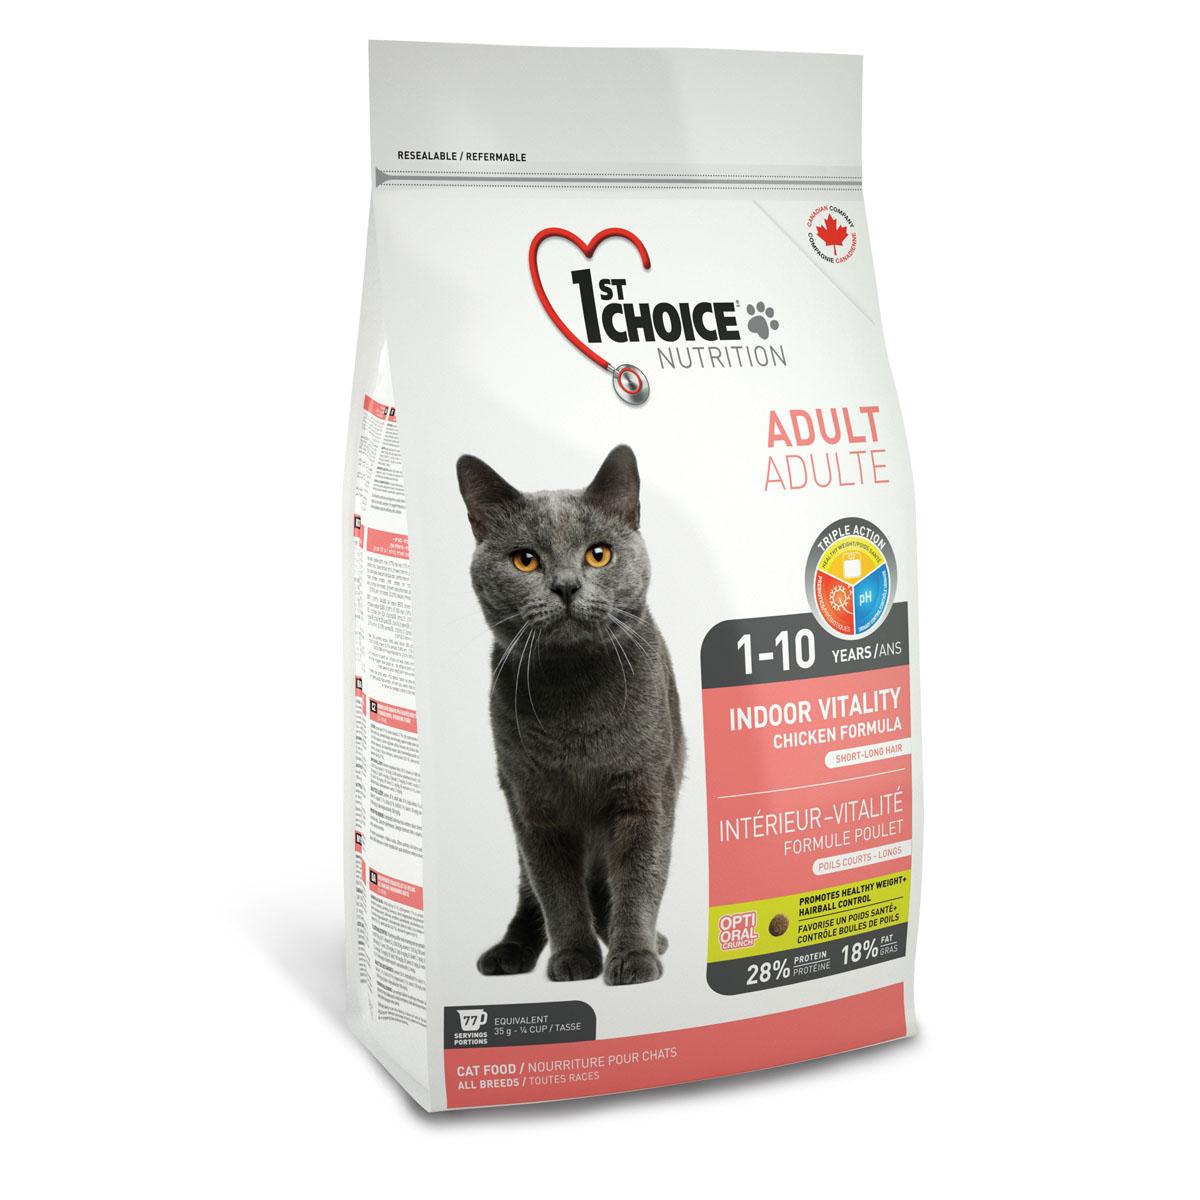 Корм сухой 1st Choice Adult для живущих в помещении взрослых кошек, с курицей, 2,72 кг56665Корм сухой 1st Choice Adult - идеальная формула для домашних кошек со специальными тщательно отобранными ингредиентами. Помогает сохранить идеальную кондицию и оптимальный вес. Идеальный рН-баланс для здоровья мочевыделительной системы. Содержит экстракт юкки Шидигера, которая связывает аммиак и уменьшает запах экскрементов.Состав: свежая курица 17%, мука из мяса курицы 17%, рис, гороховый протеин, куриный жир, сохраненный смесью натуральных токоферолов (витамин Е), мякоть свеклы, коричневый рис, специально обработанные ядра ячменя и овса, сушеное яйцо, гидролизат куриной печени, цельное семя льна, жир лосося, сушеная мякоть томата, клетчатка гороха, калия хлорид, лецитин, кальция карбонат, холина хлорид, соль, кальция пропионат, натрия бисульфат, таурин, DL- метионин, L-лизин, экстракт дрожжей (источник маннан-олигосахаридов), железа сульфат, аскорбиновая кислота (витамин С), экстракт цикория (источник инулина), цинка оксид, натрия селенит, альфа-токоферол ацетат (витамин Е), никотиновая кислота, экстракт юкки Шидигера, кальция иодат, марганца оксид, L-карнитин, D-кальция пантотенат, тиамина мононитрат, рибофлавин, пиридоксина гидрохлорид, витамин А, холекальциферол (витамин Д3), биотин, сушеная мята (0,01%), сушеная петрушка 0,01%, экстракт зеленого чая 0,01%, цинка протеинат, витамин В12, кобальта карбонат, фолиевая кислота, марганца протеинат, меди протеинат. Гарантированный анализ: сырой протеин мин. 28%, сырой жир мин.1 8%, сырая клетчатка макс. 3%, влага макс. 10%, зола макс. 8,5%, кальций мин. 1,1%, фосфор мин. 0,9%, марганец макс. 0,1%, витамин А мин. 34 000 МЕ/кг, витамин Д3 мин. 2 000 МЕ/кг, витамин Е мин. 150 МЕ/кг, таурин 2100 мг/кг, маннан-олигосахариды 1000 мг/кг, фрукто-олигосахариды 500 мг/кг. Энергетическая ценность корма: 440 ккал/100 г.Товар сертифицирован.